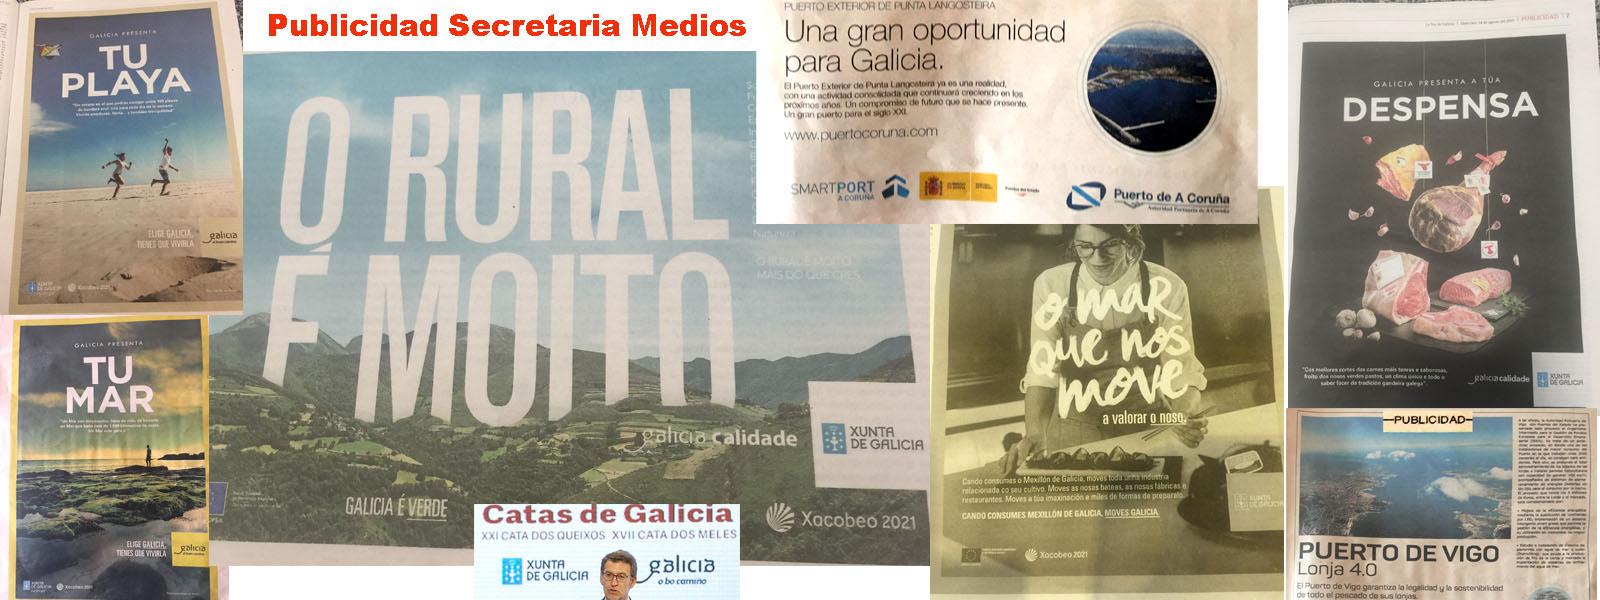 editorial fracsadacampanaturismo encargadapor marsanchezsierra